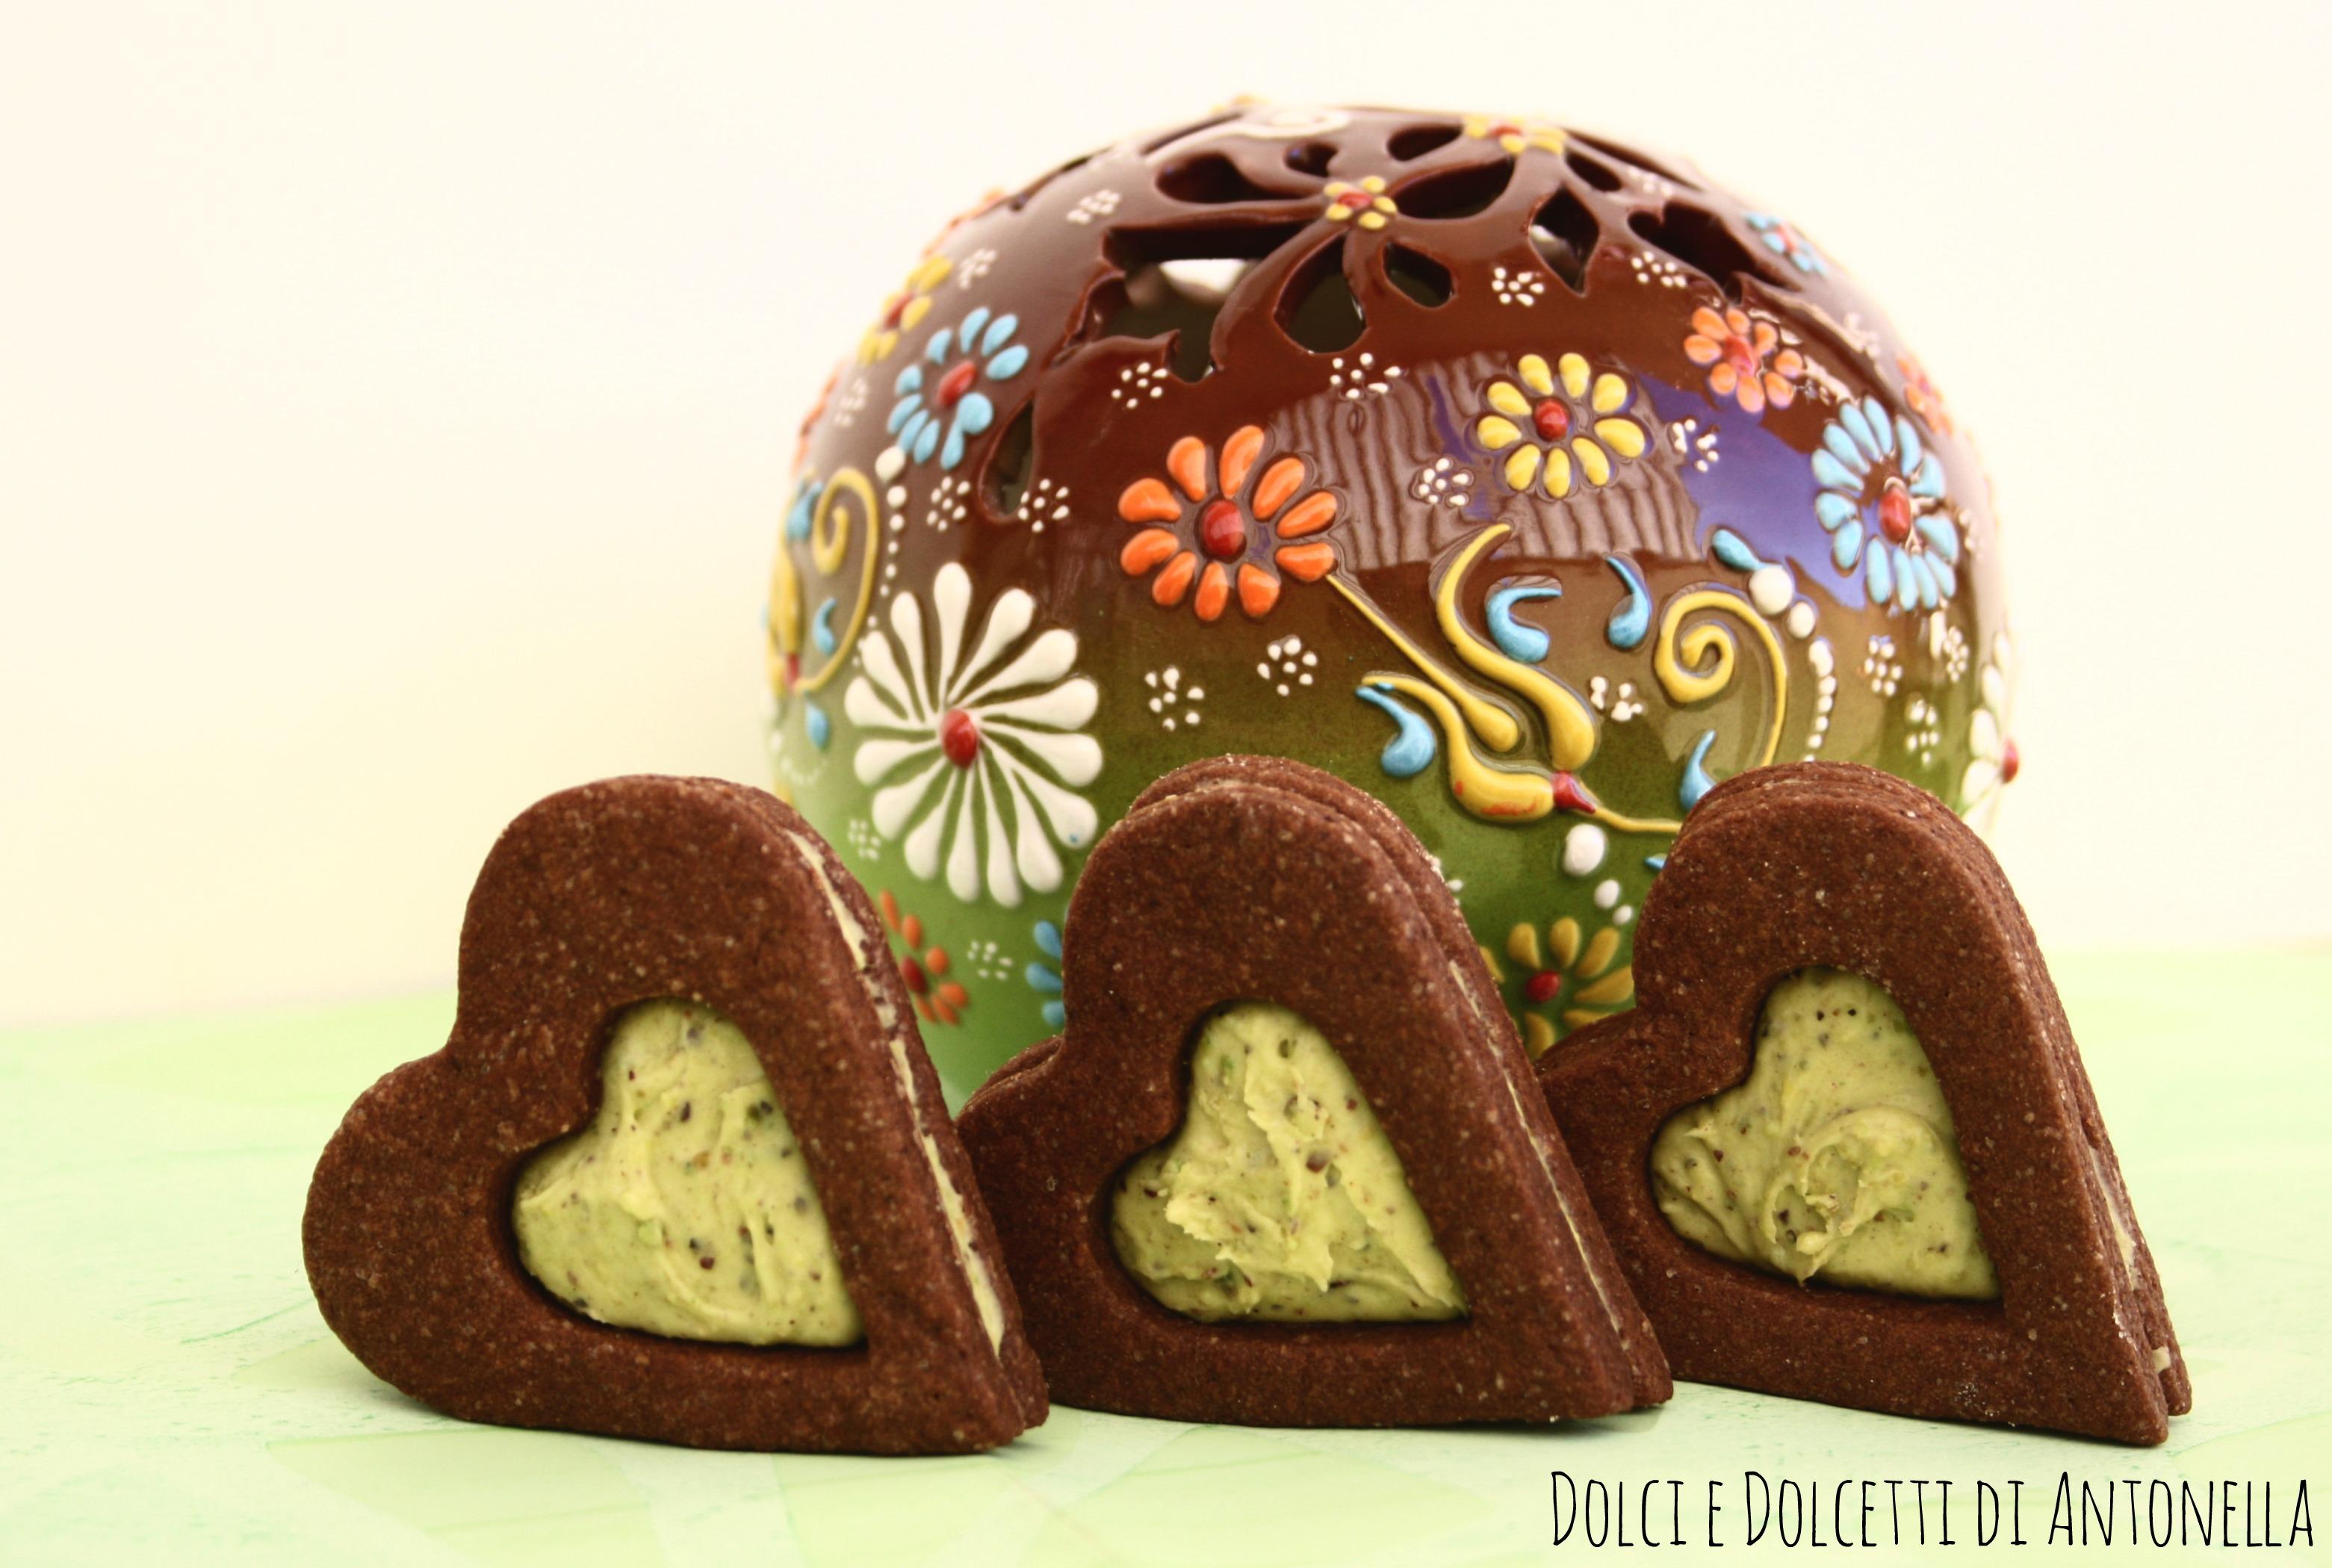 biscotti al cioccolato con cuore di crema al pistacchio dolci e dolcetti di antonella